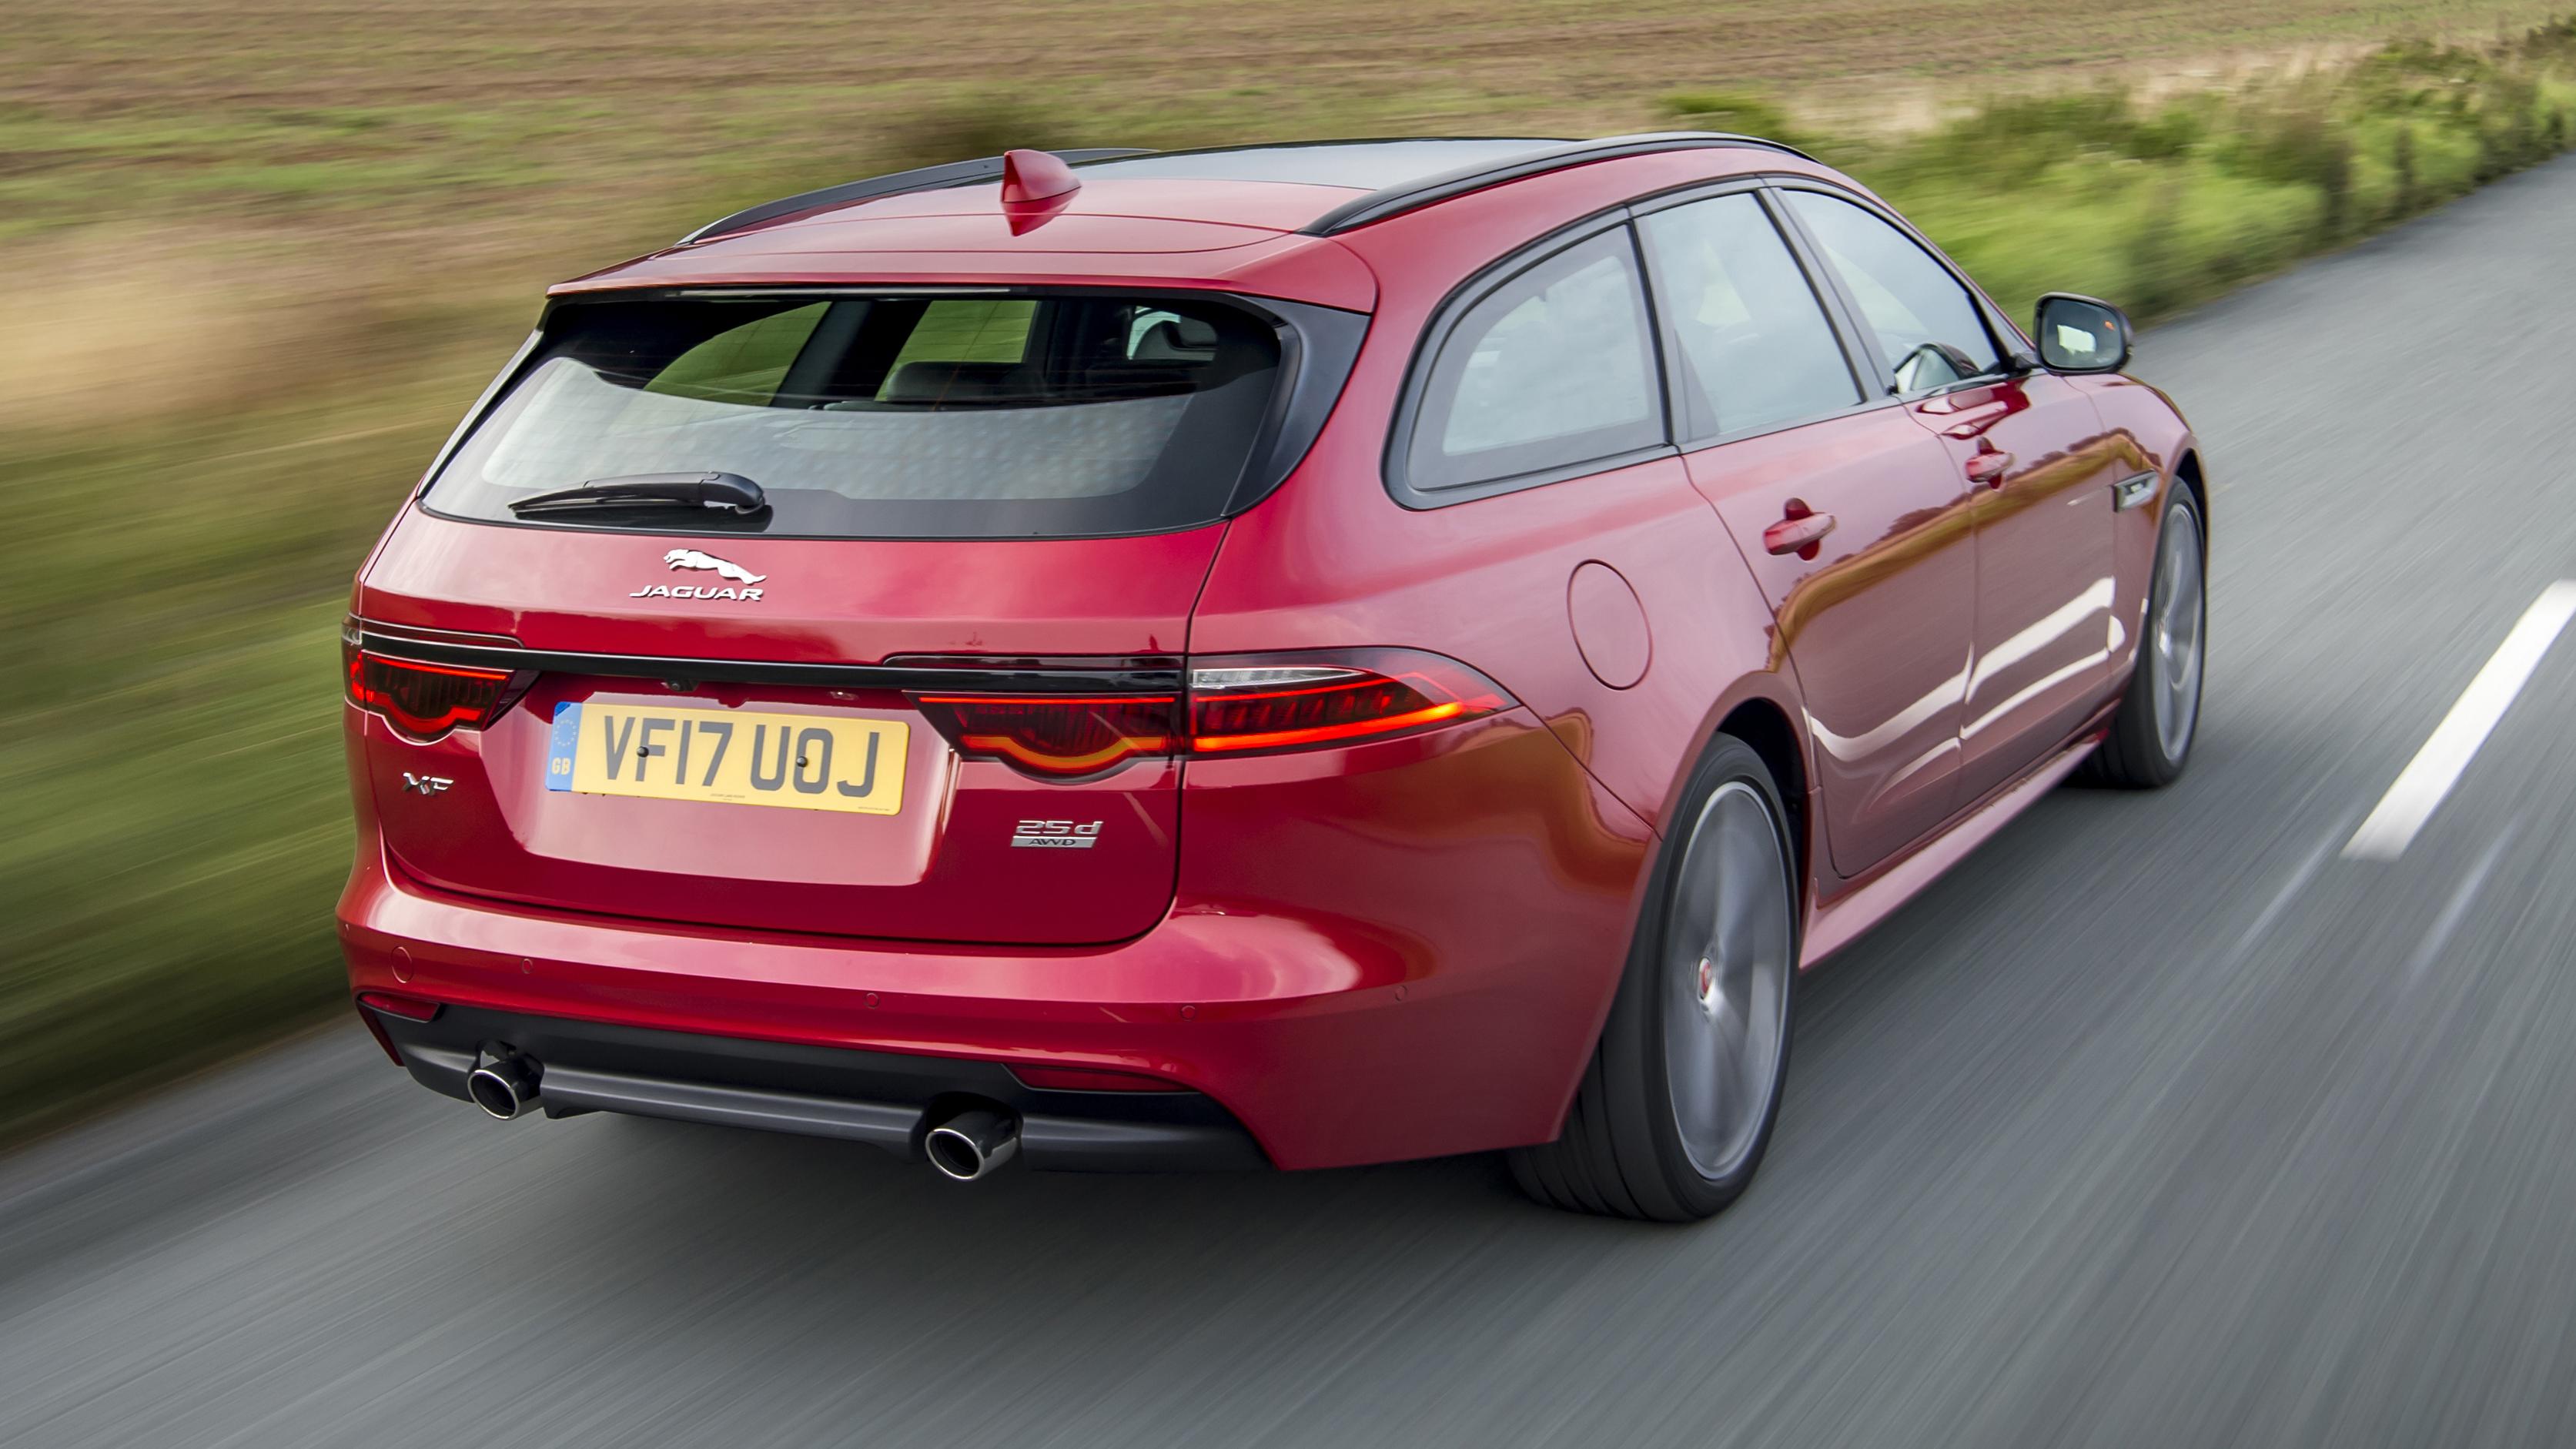 sport xf rear diesel awd automatic wiki file r jaguar